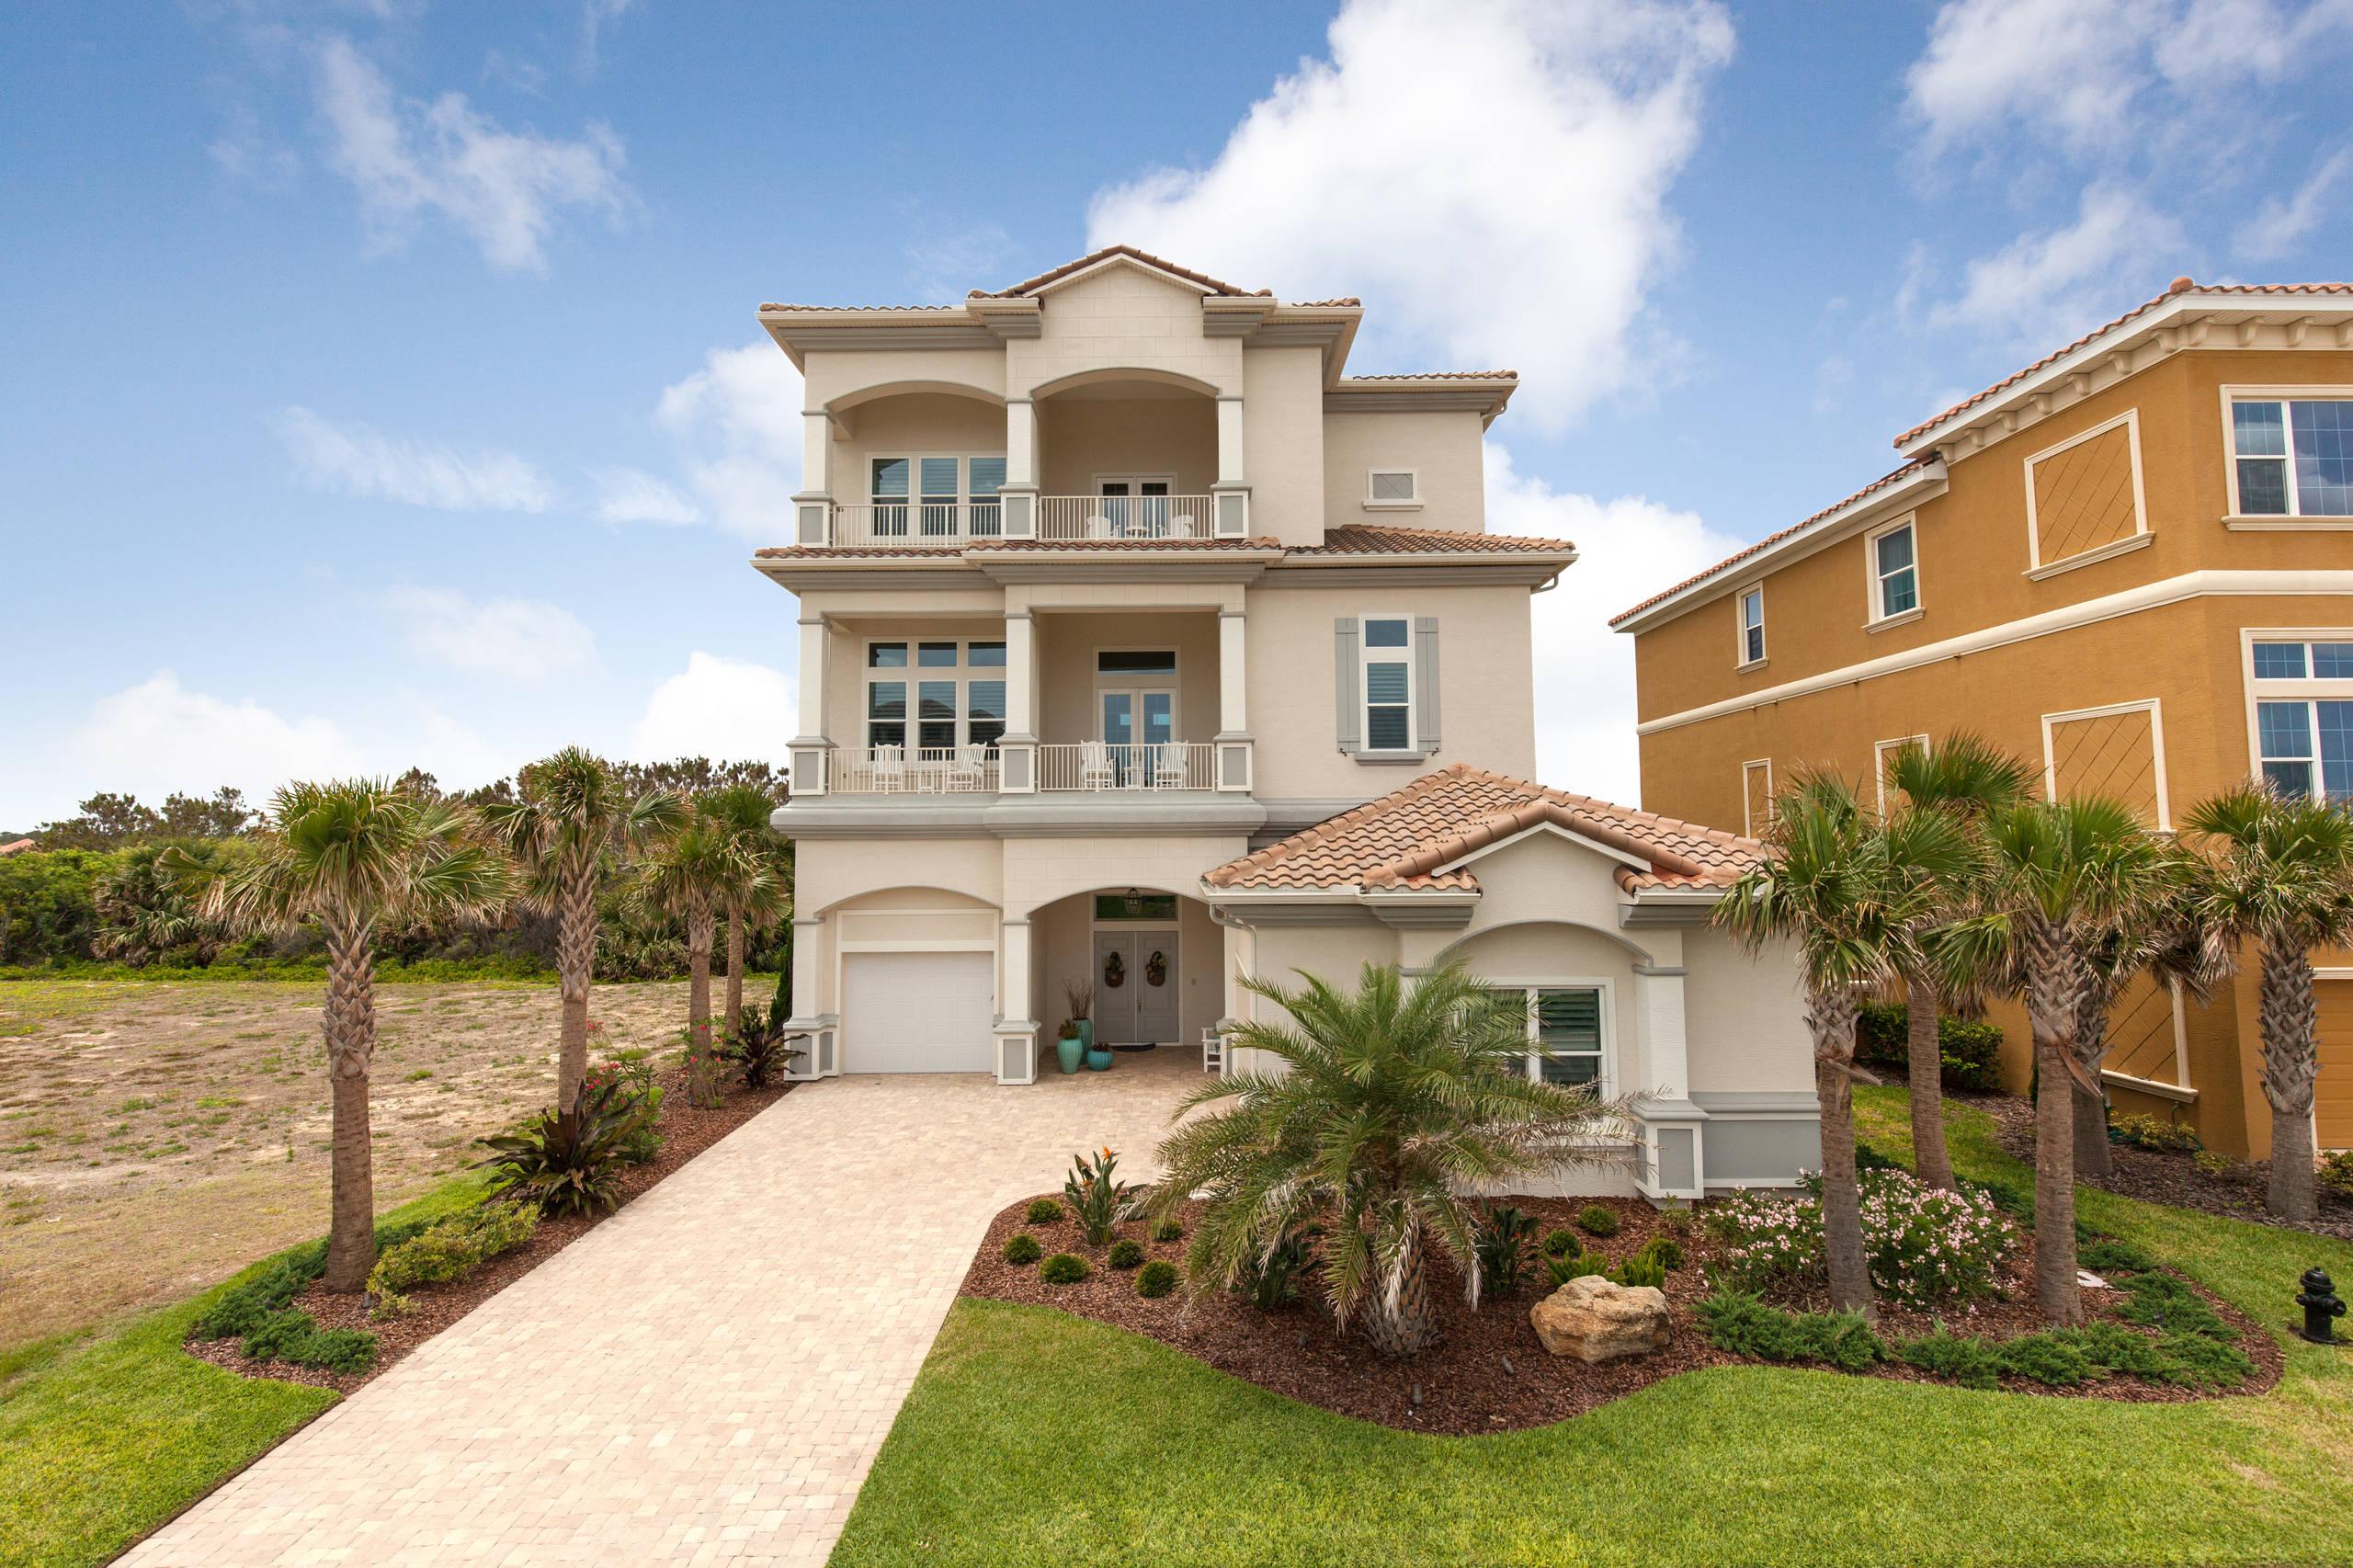 New Ocean Front Home